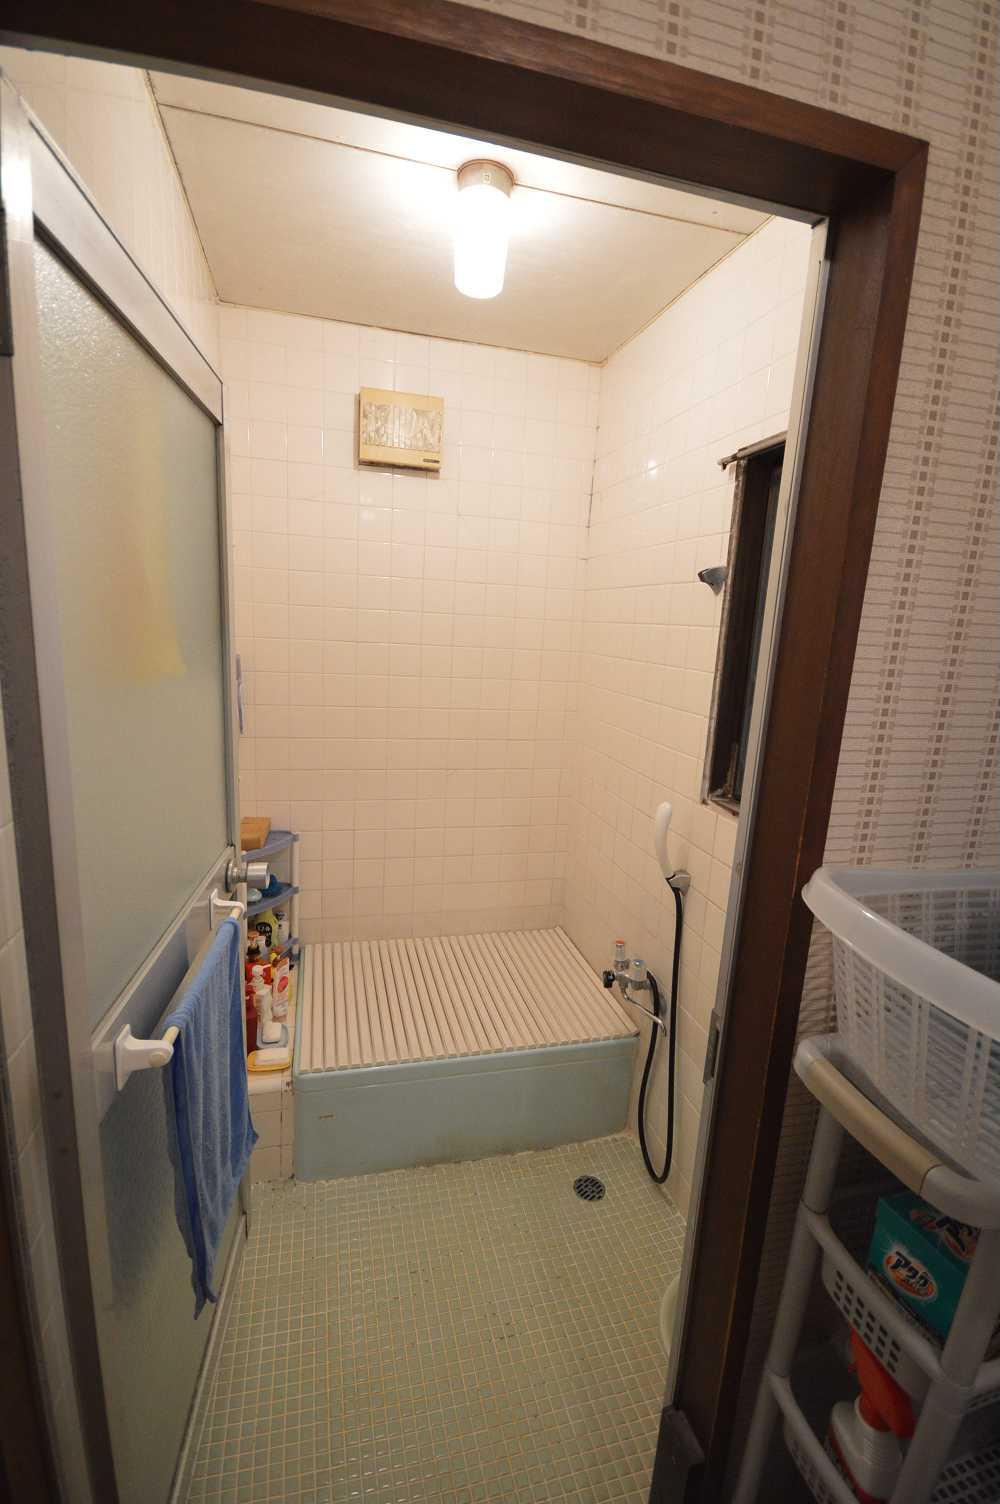 before:お掃除が大変だし、冬場は寒いし、換気窓も壊れているし…。と不満いっぱいの浴室